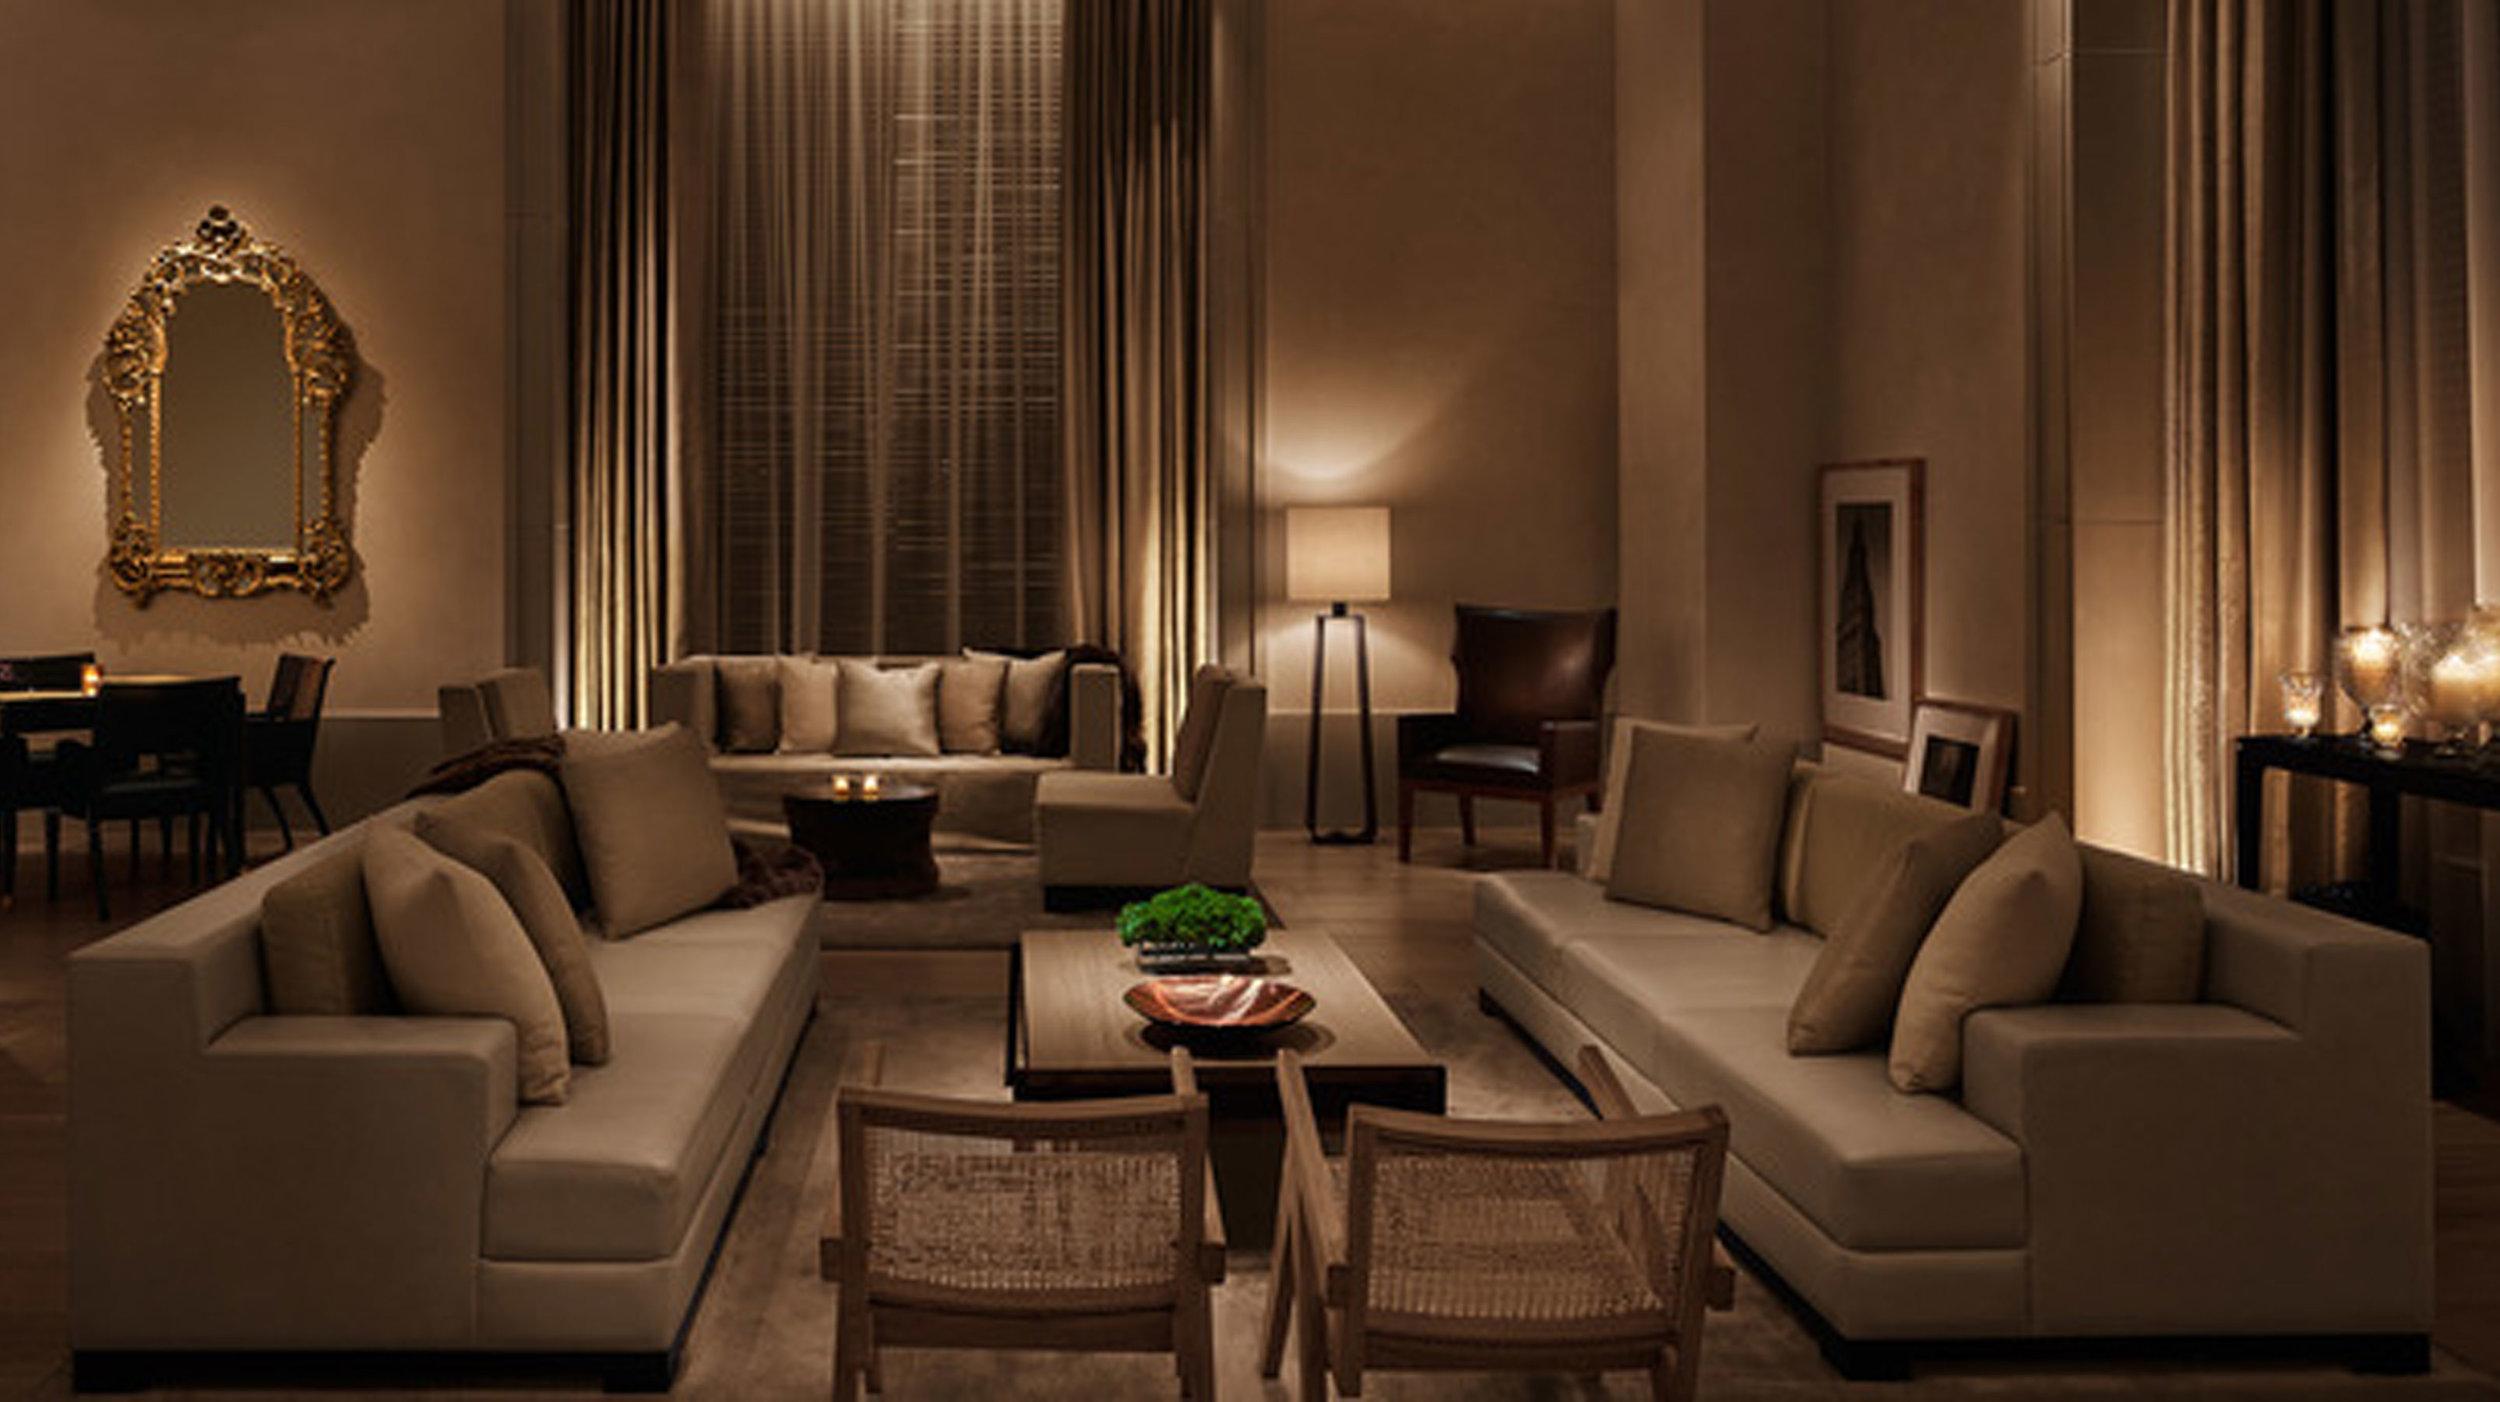 NYC-EDITION-Lobby-2000x1000.jpg